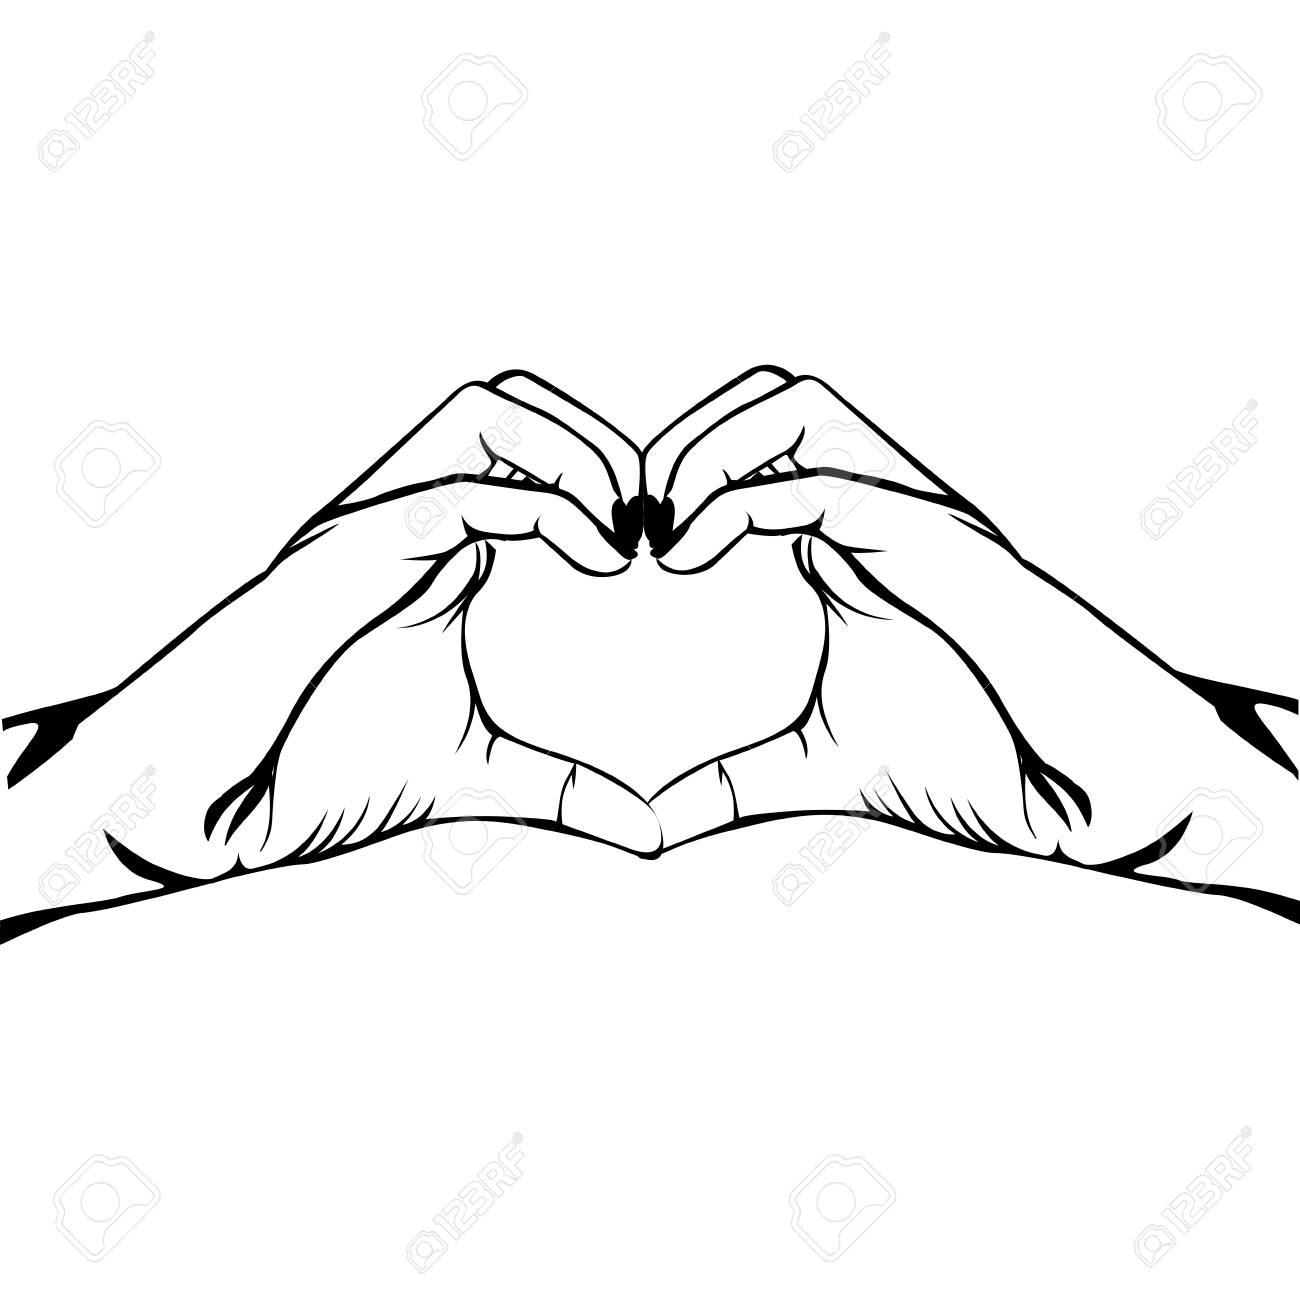 hands making heart gesture image vector illustration design.